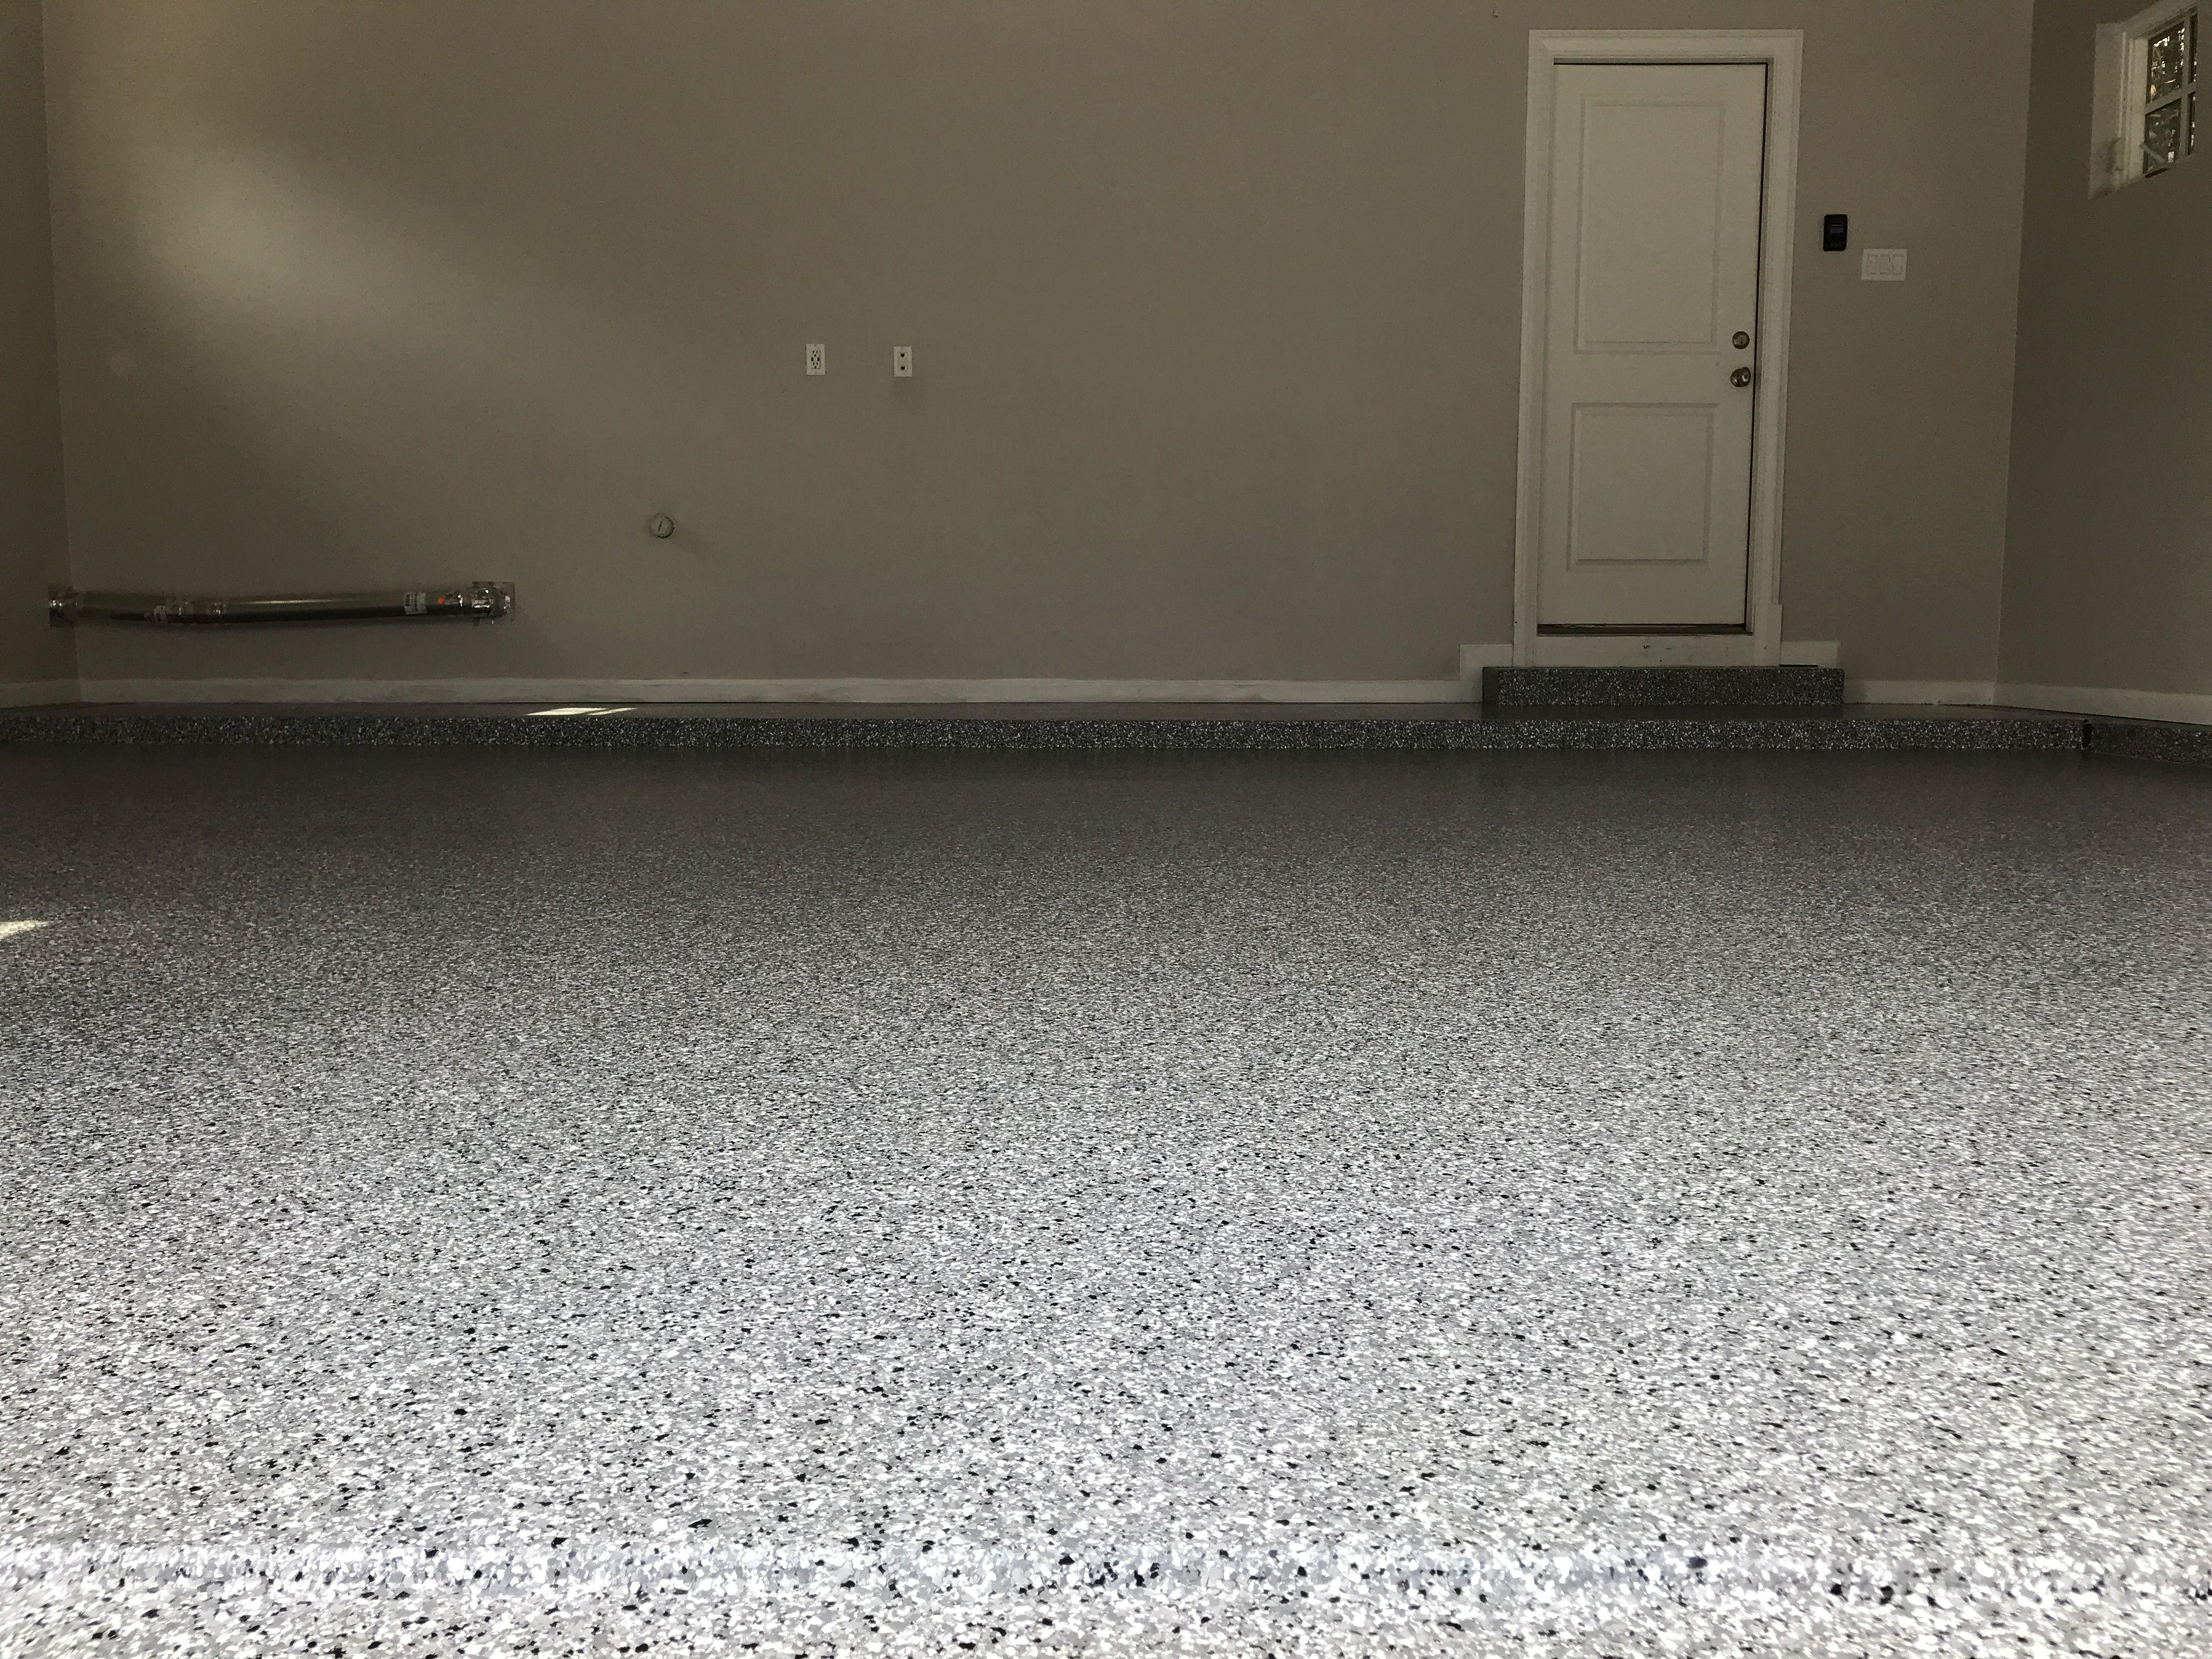 Classic Silver Spring Done In Dallas Texas Polyaspartic Floorpaint Garagefloor Flooring Contractor Garage Floor Coatings Garage Floor